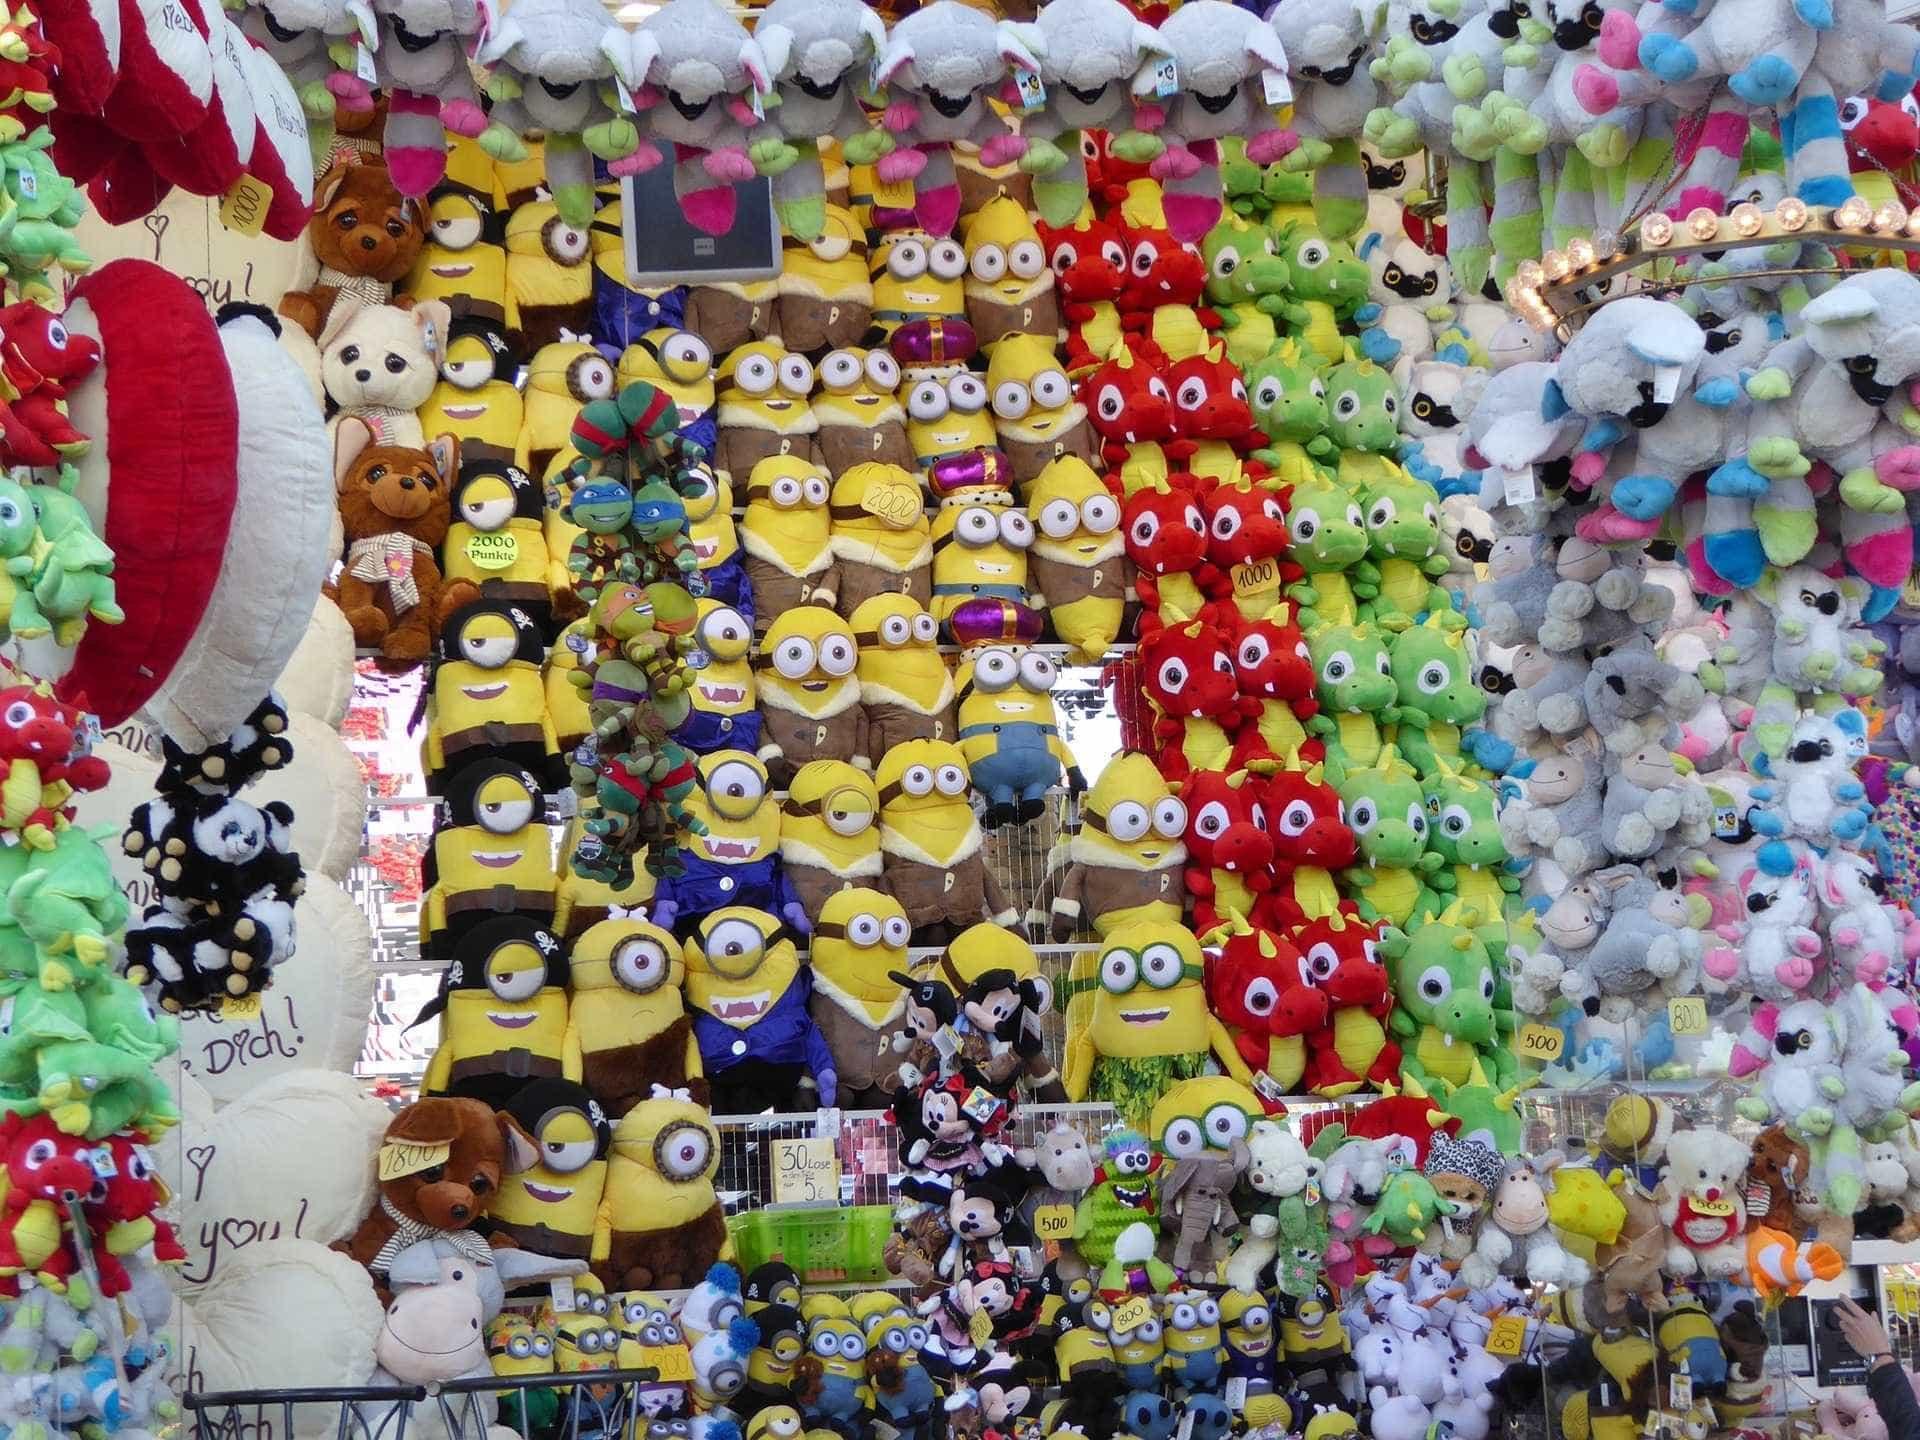 1/3 de quem pretende comprar no Dia da Criança está inadimplente